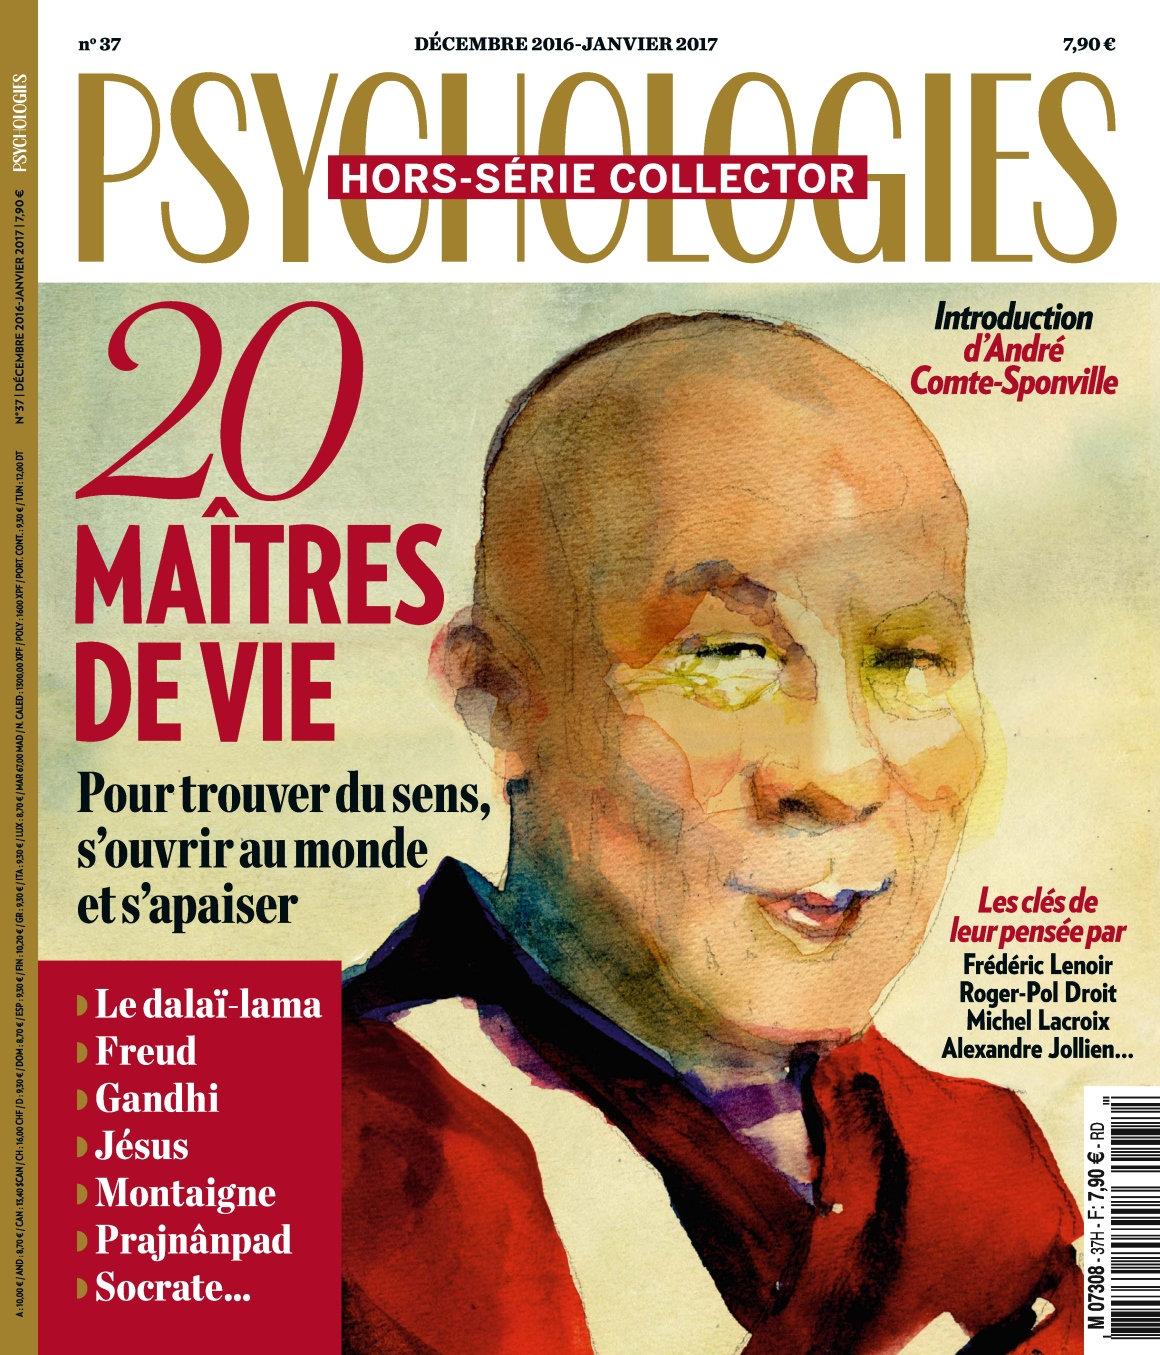 Psychologies Hors-Série Best-Seller 37 - Décembre 2016/Janvier 2017